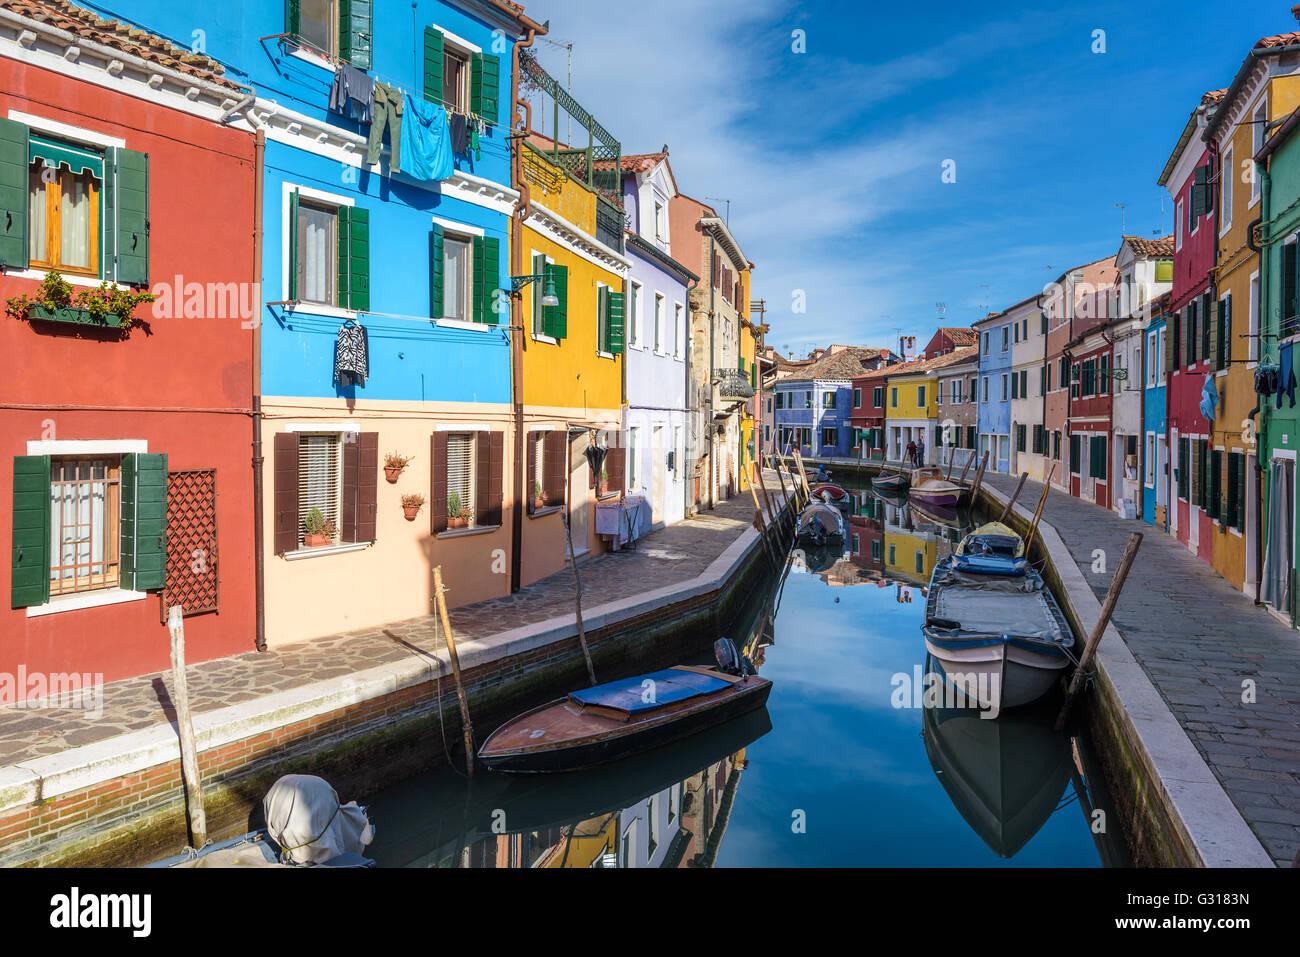 Bâtiments exceptionnellement, des bateaux stationnés dans les canaux, la ville de Burano. Photo Stock